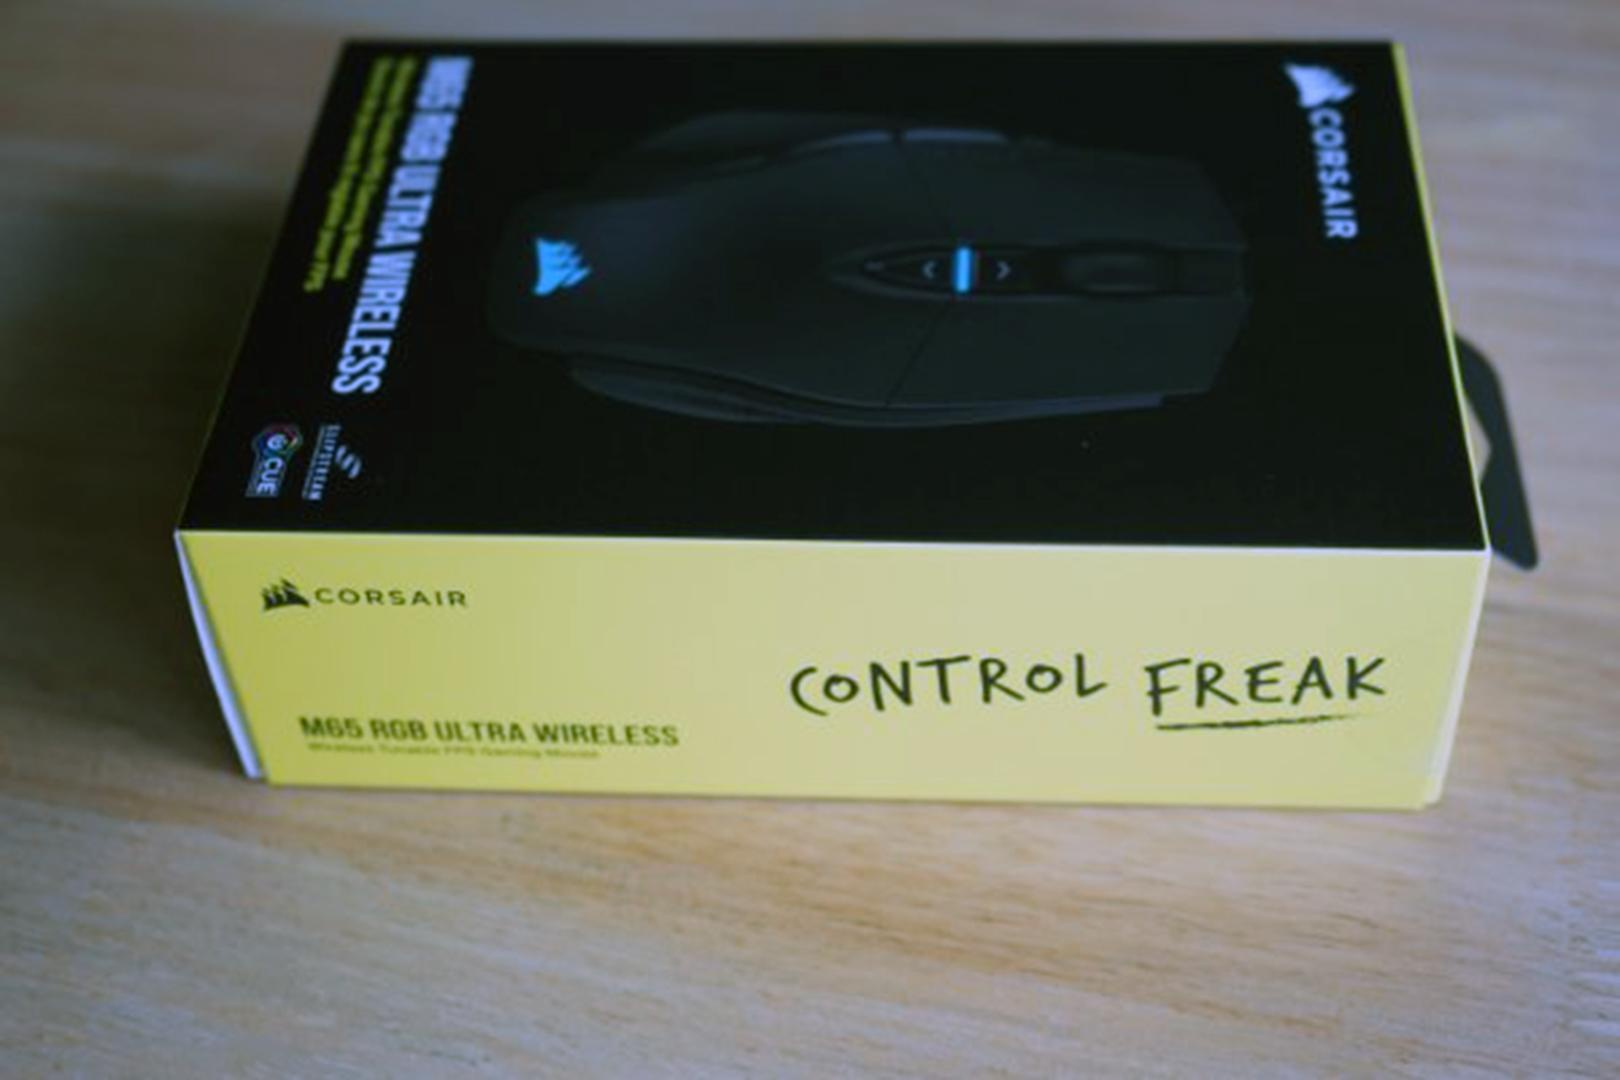 Corsair M65 RGB Ultra Wireless – Biểu tượng chuột game FPS được nâng cấp lên không dây